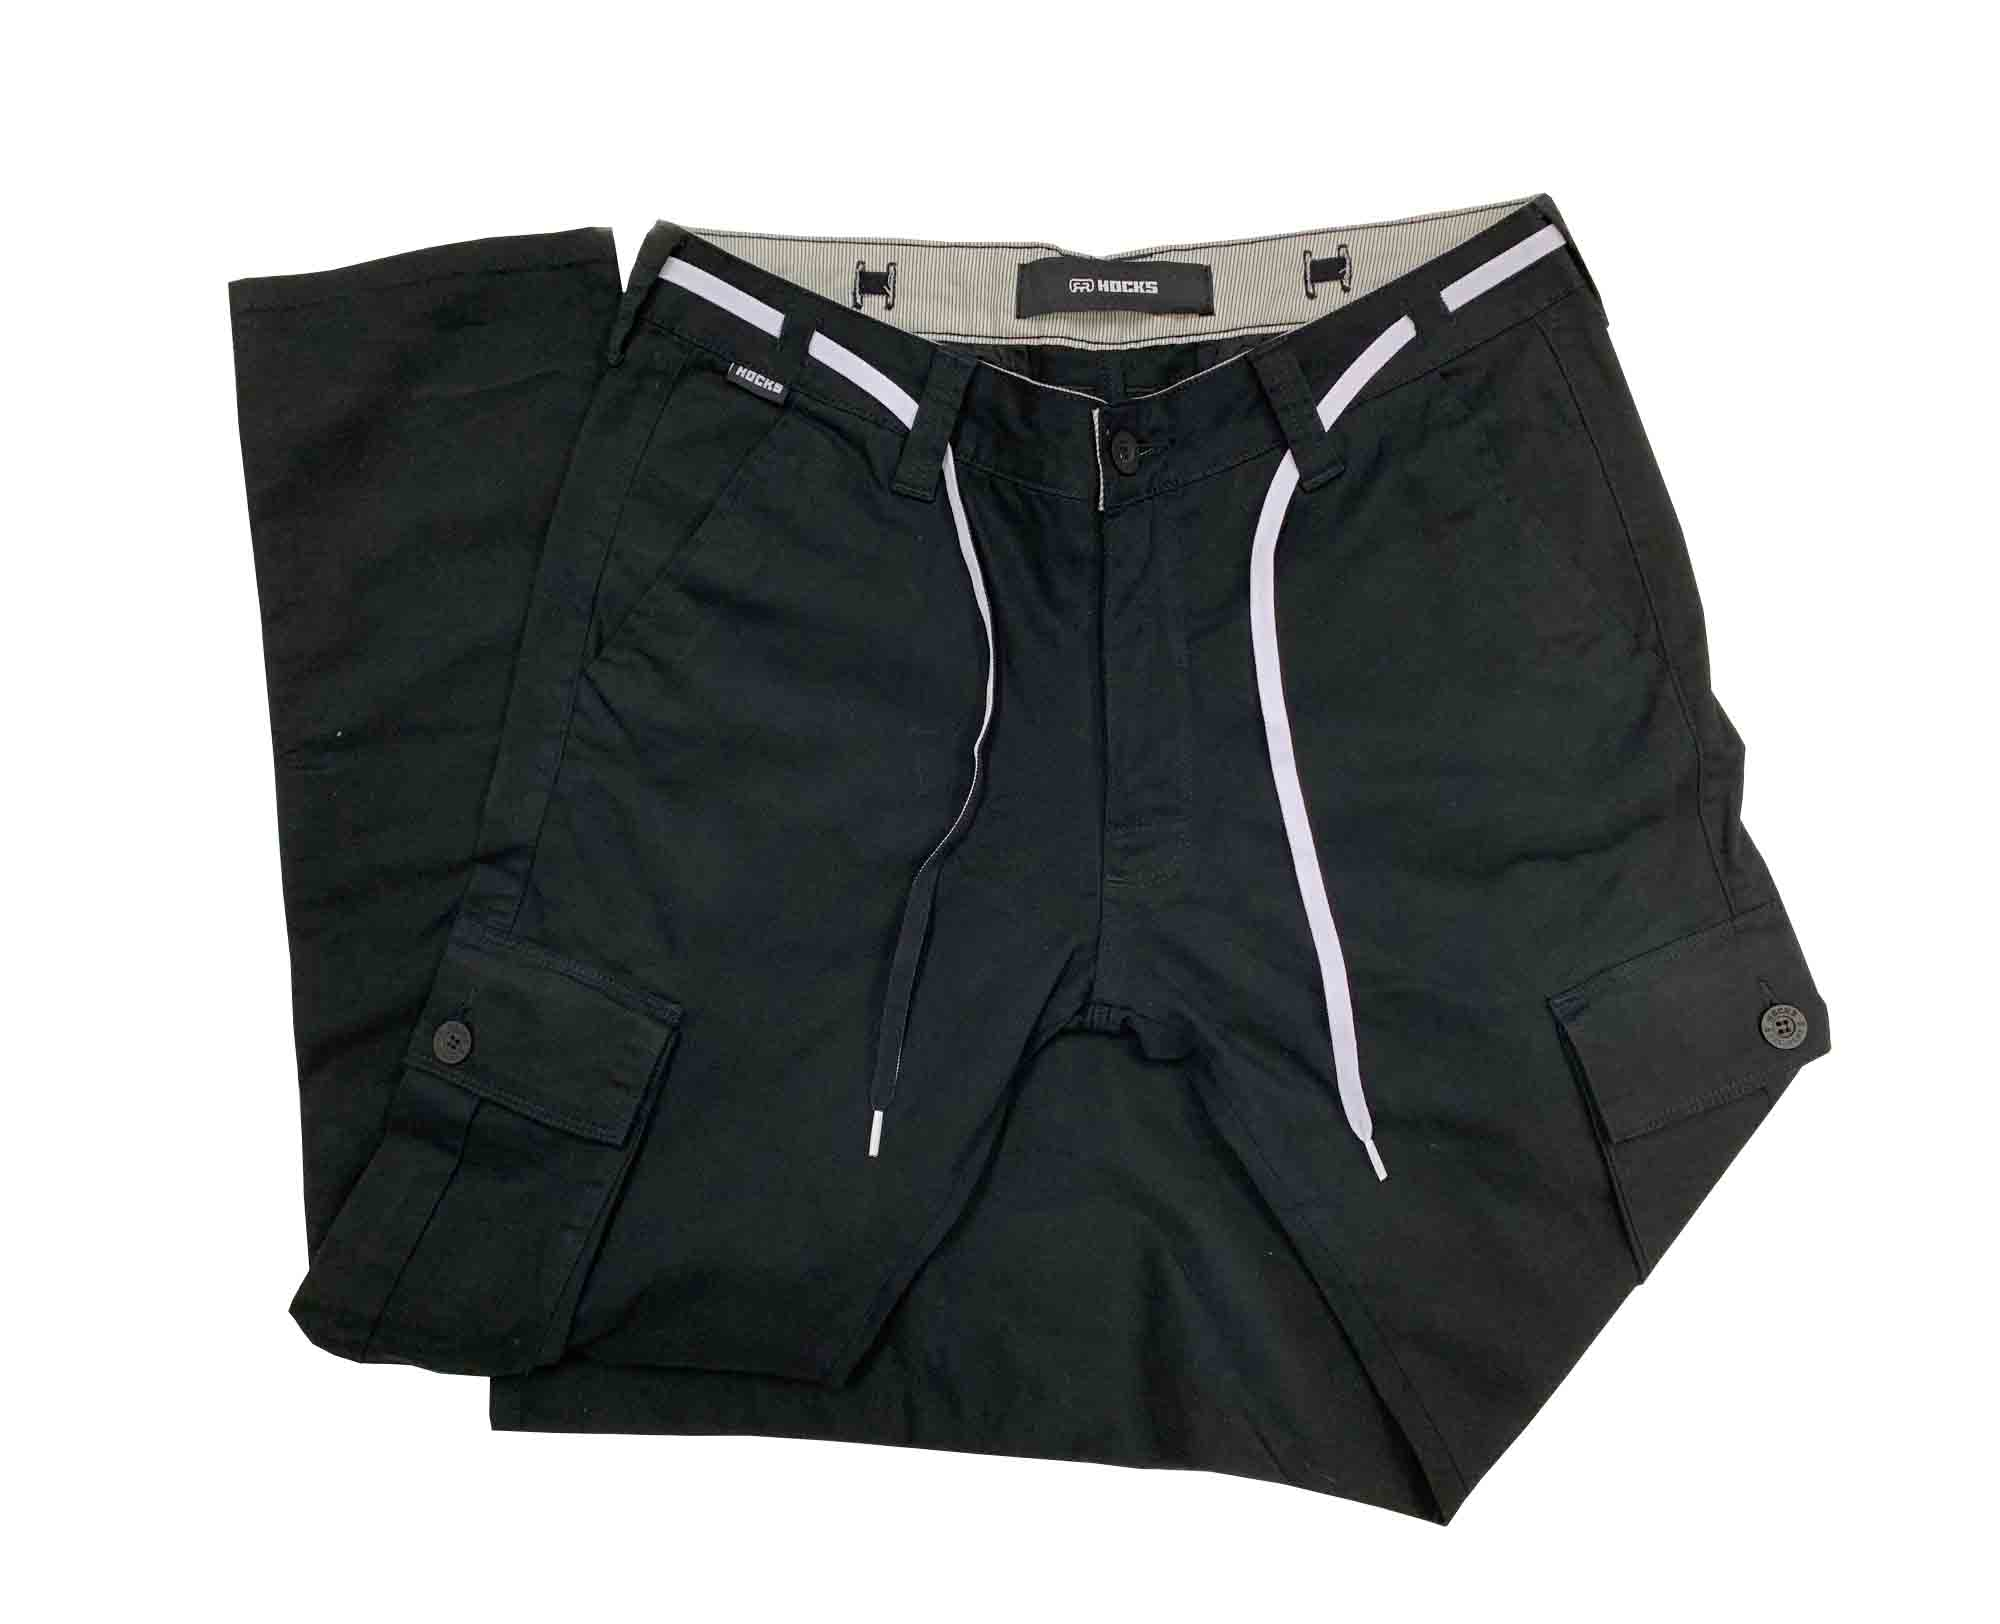 Calça Jeans Hocks 20-830 Masculina Cargo Bolsos